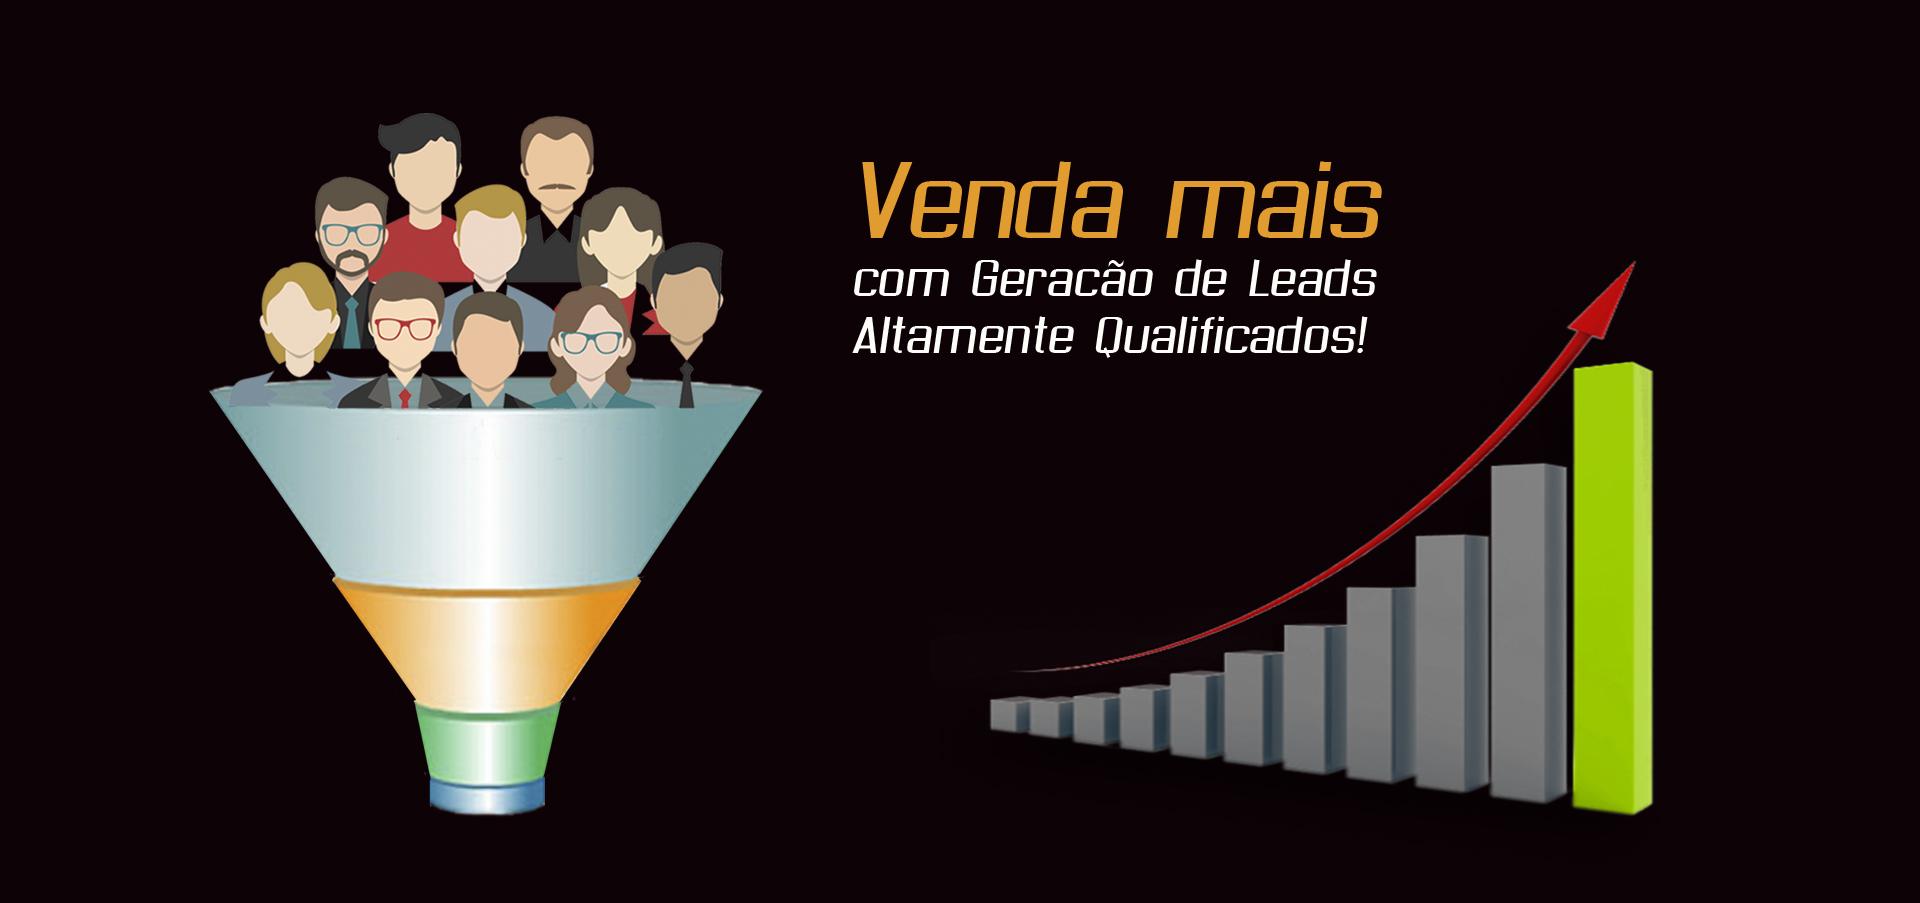 venda mais com geração de leads altamente qualificados.